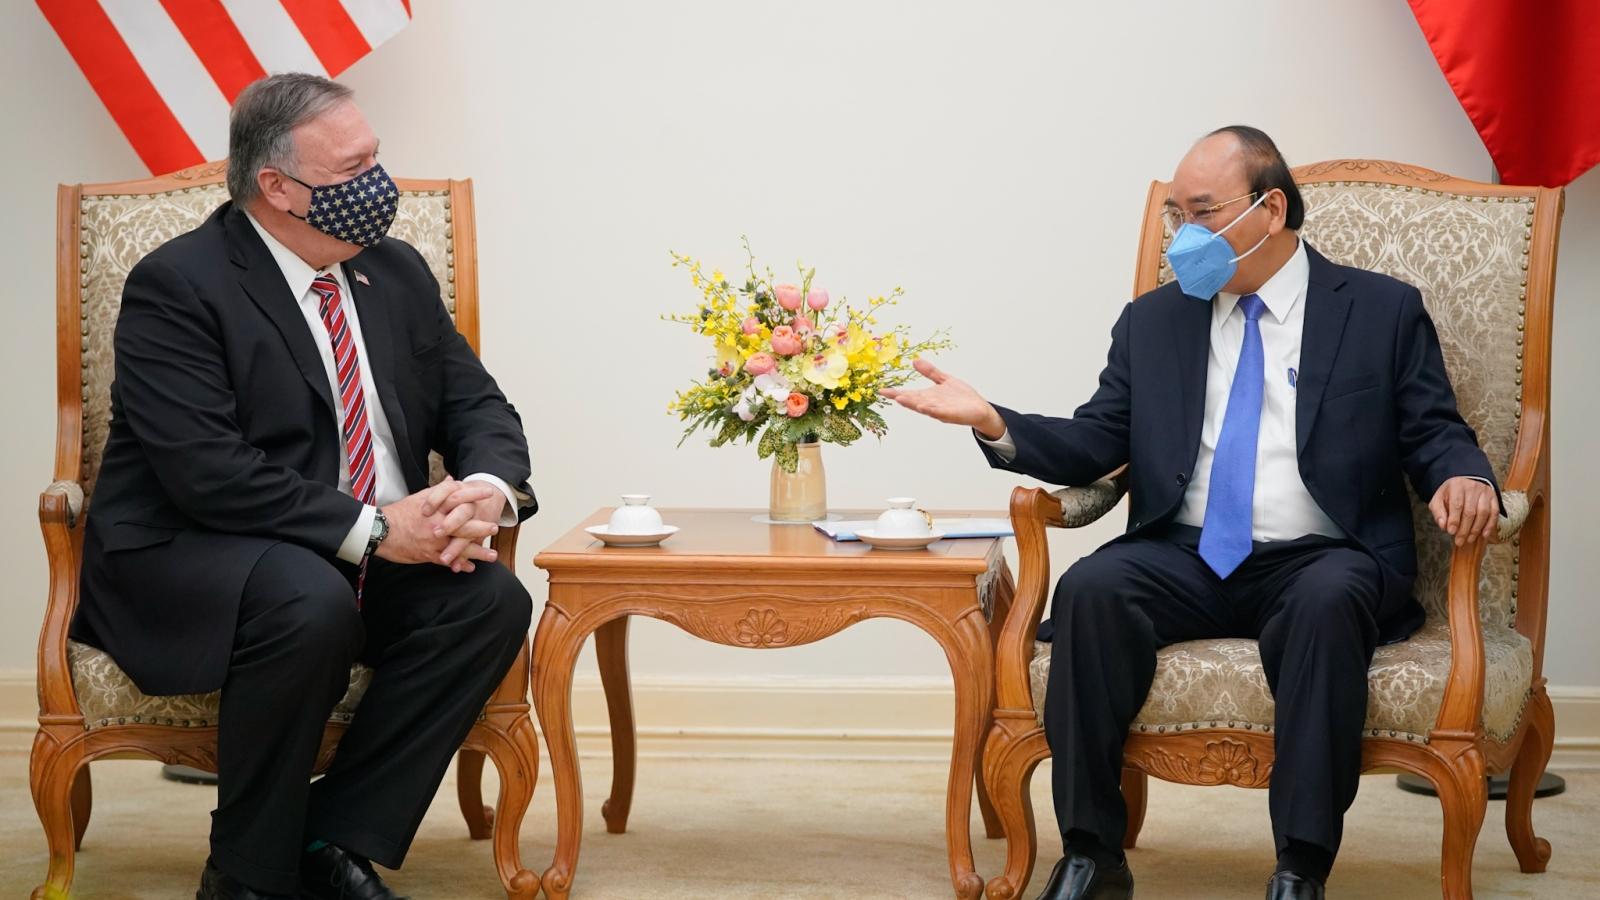 Ngoại trưởng Hoa Kỳ Mike Pompeo bày tỏ vui mừng khi trở lại Việt Nam